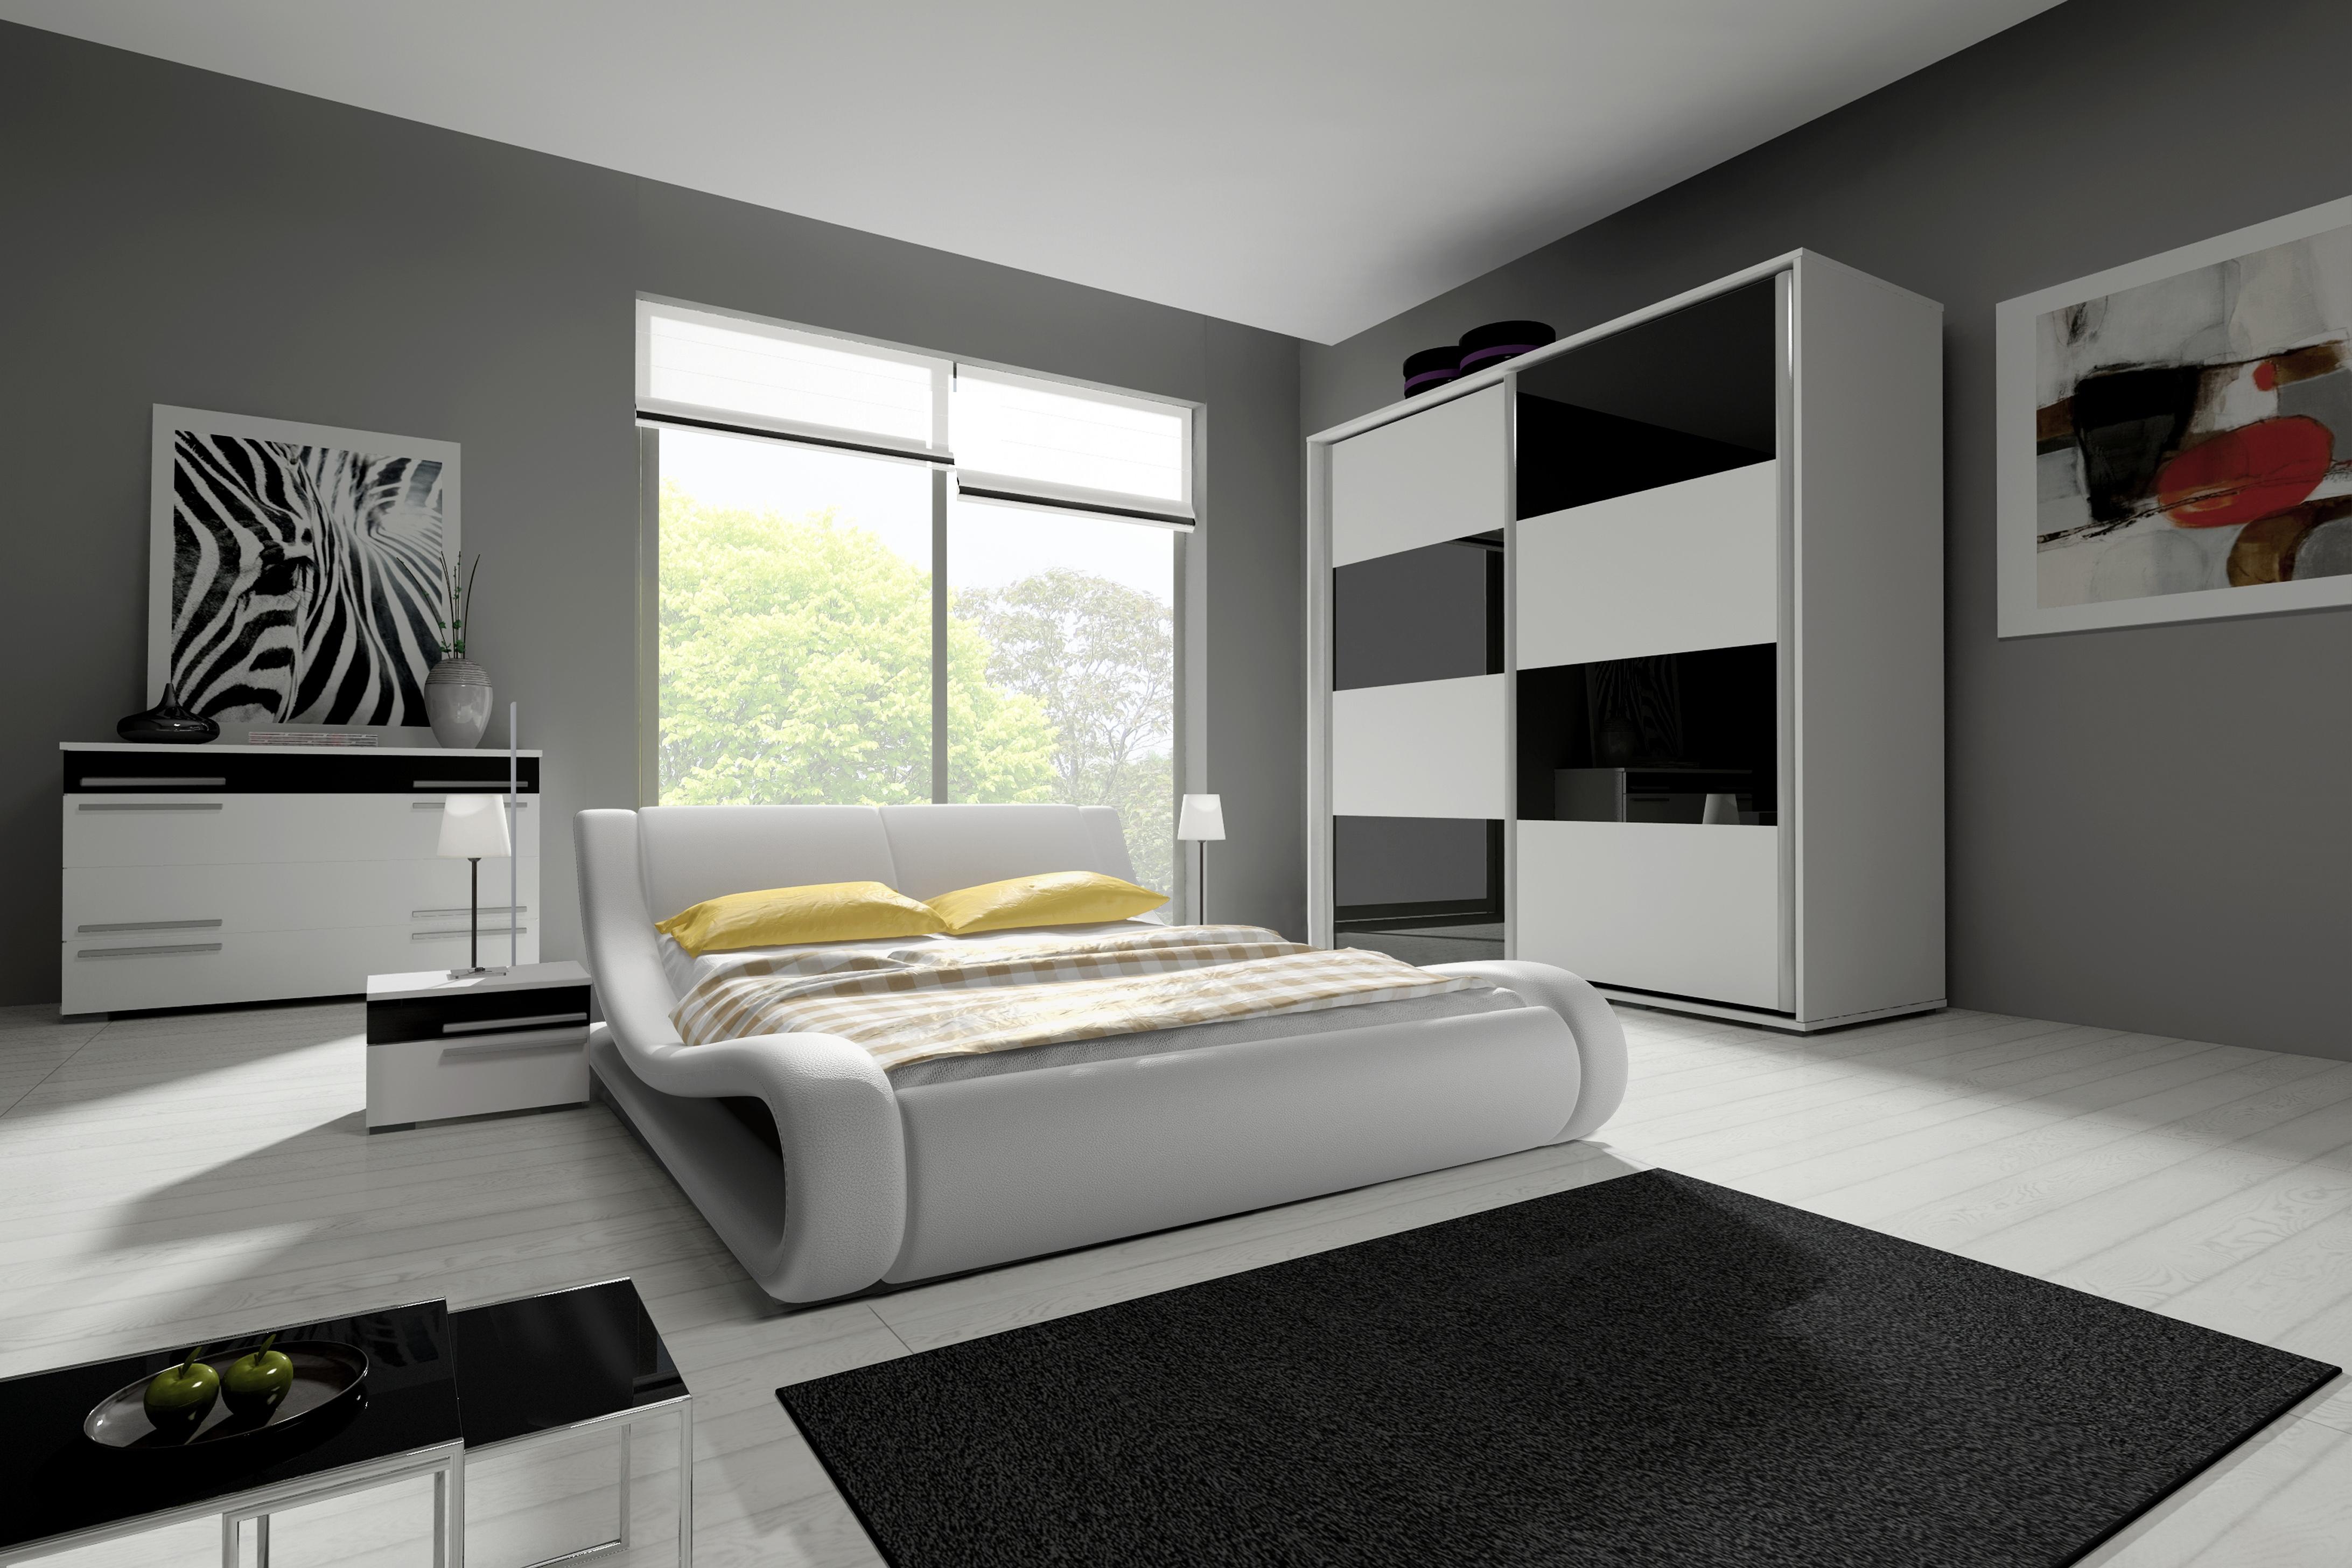 Ložnicová sestava KAYLA III (2x noční stolek, komoda, skříň 200, postel TRINITY 180x200), bílá/šedá lesk